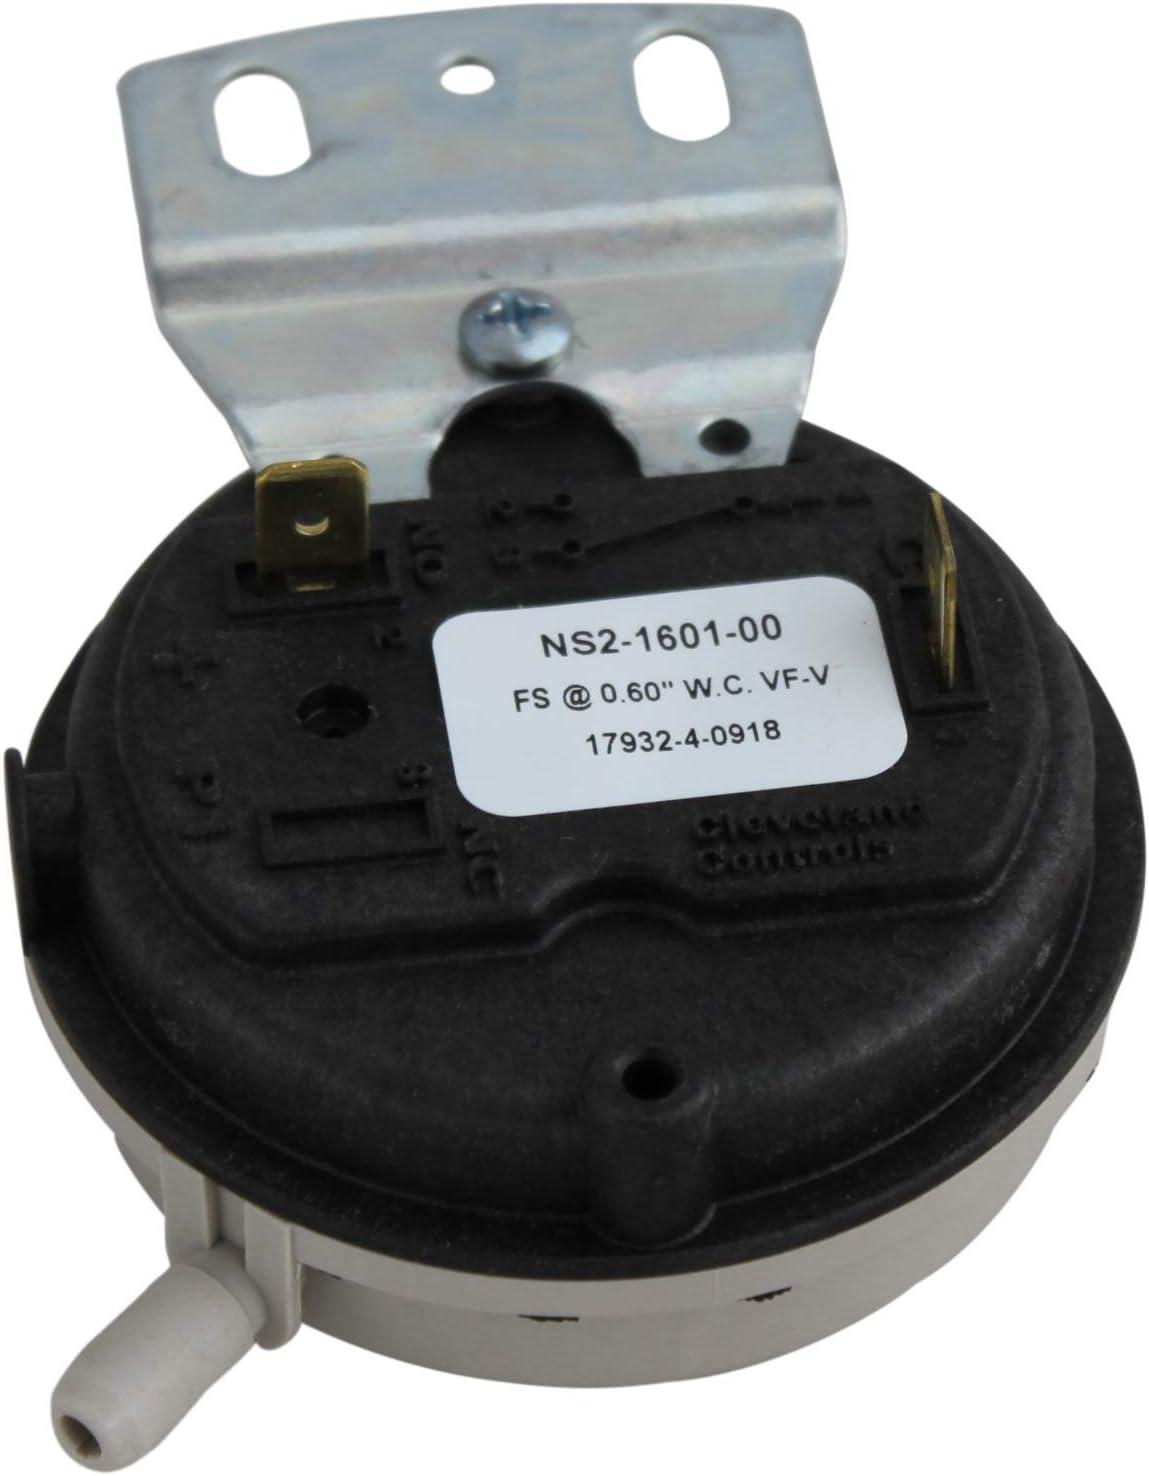 NBK 20246 - Furnace Air Pressure Switch - 20197310